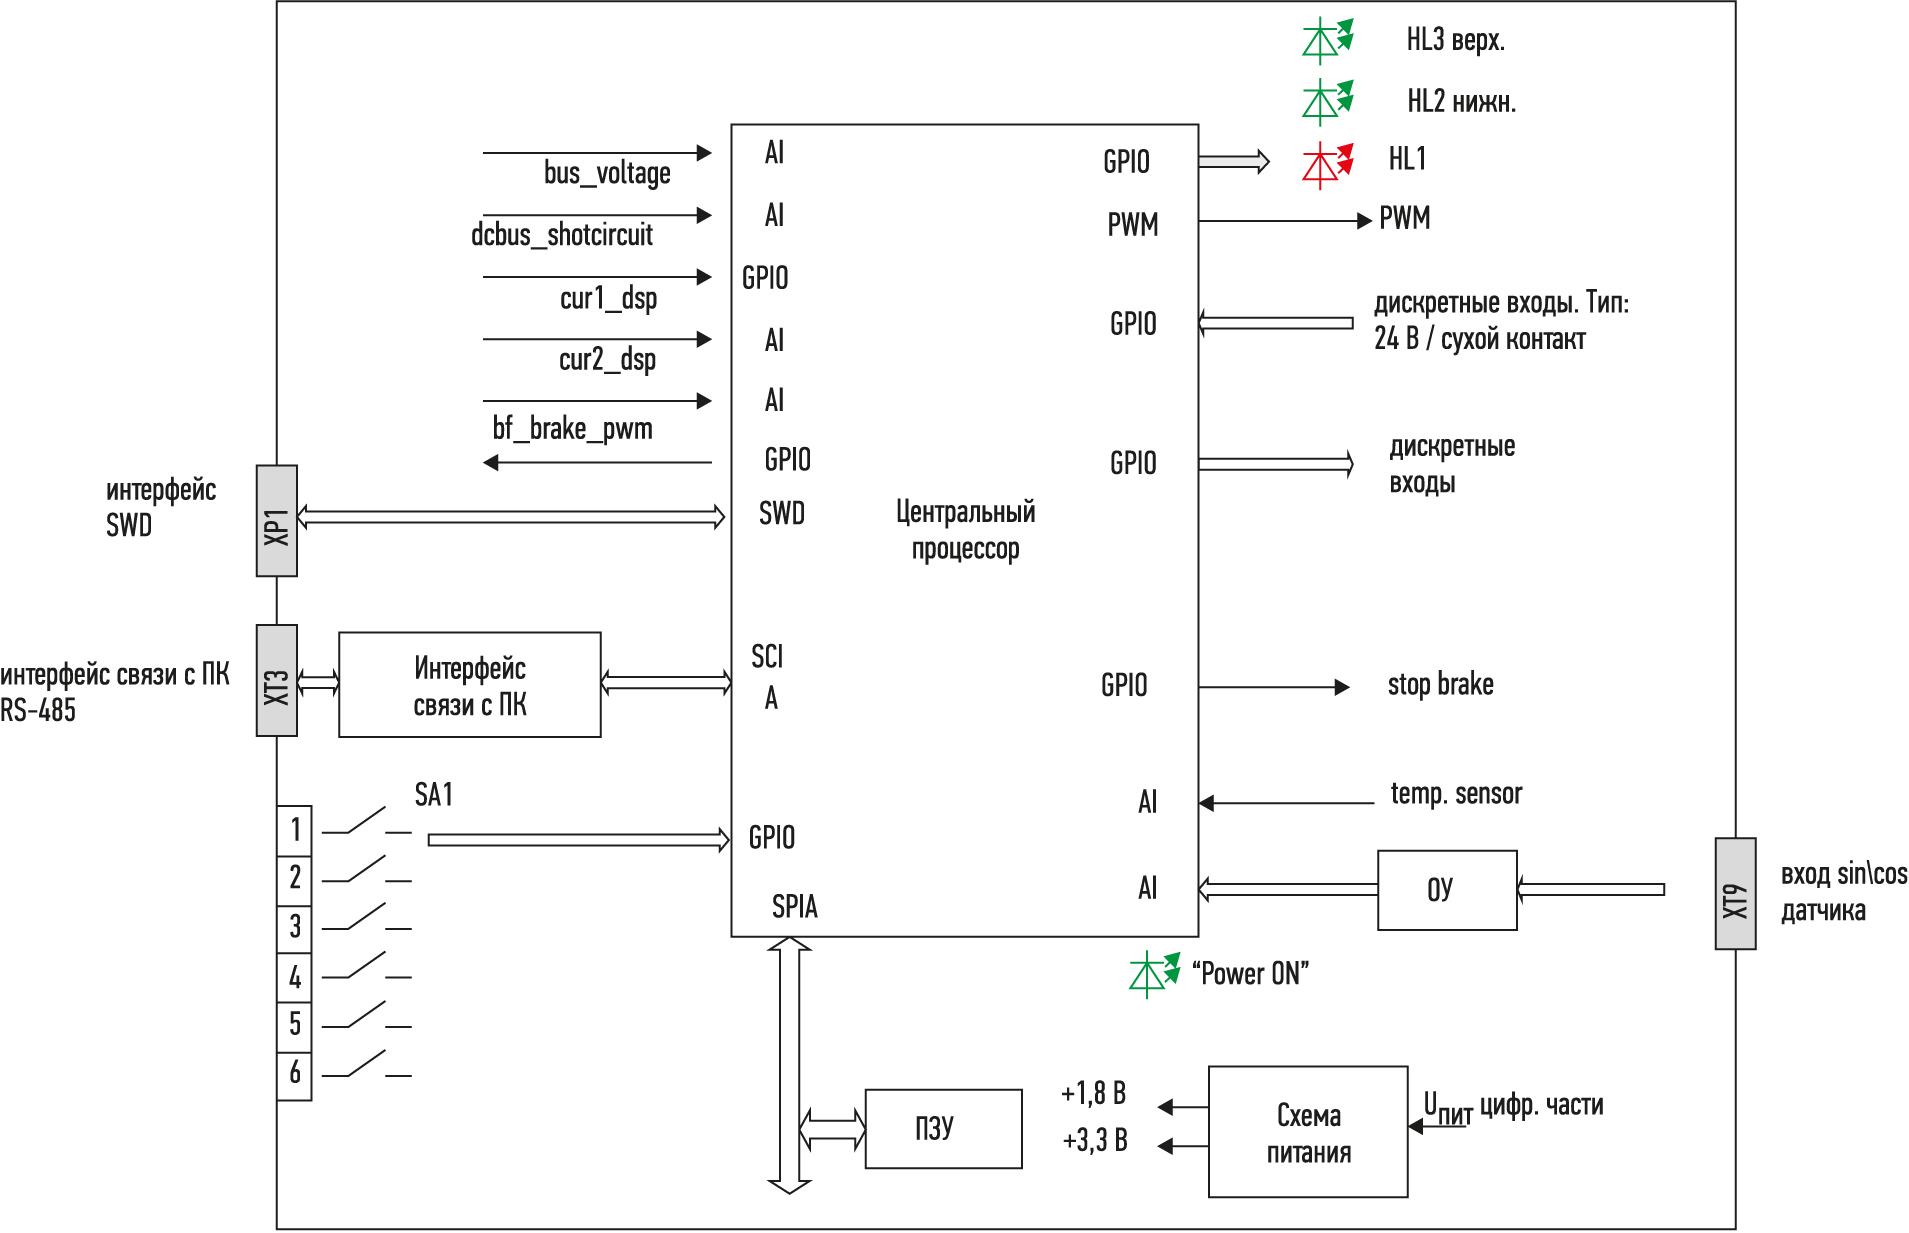 Функциональная схема процессорной платы сервоконтроллера